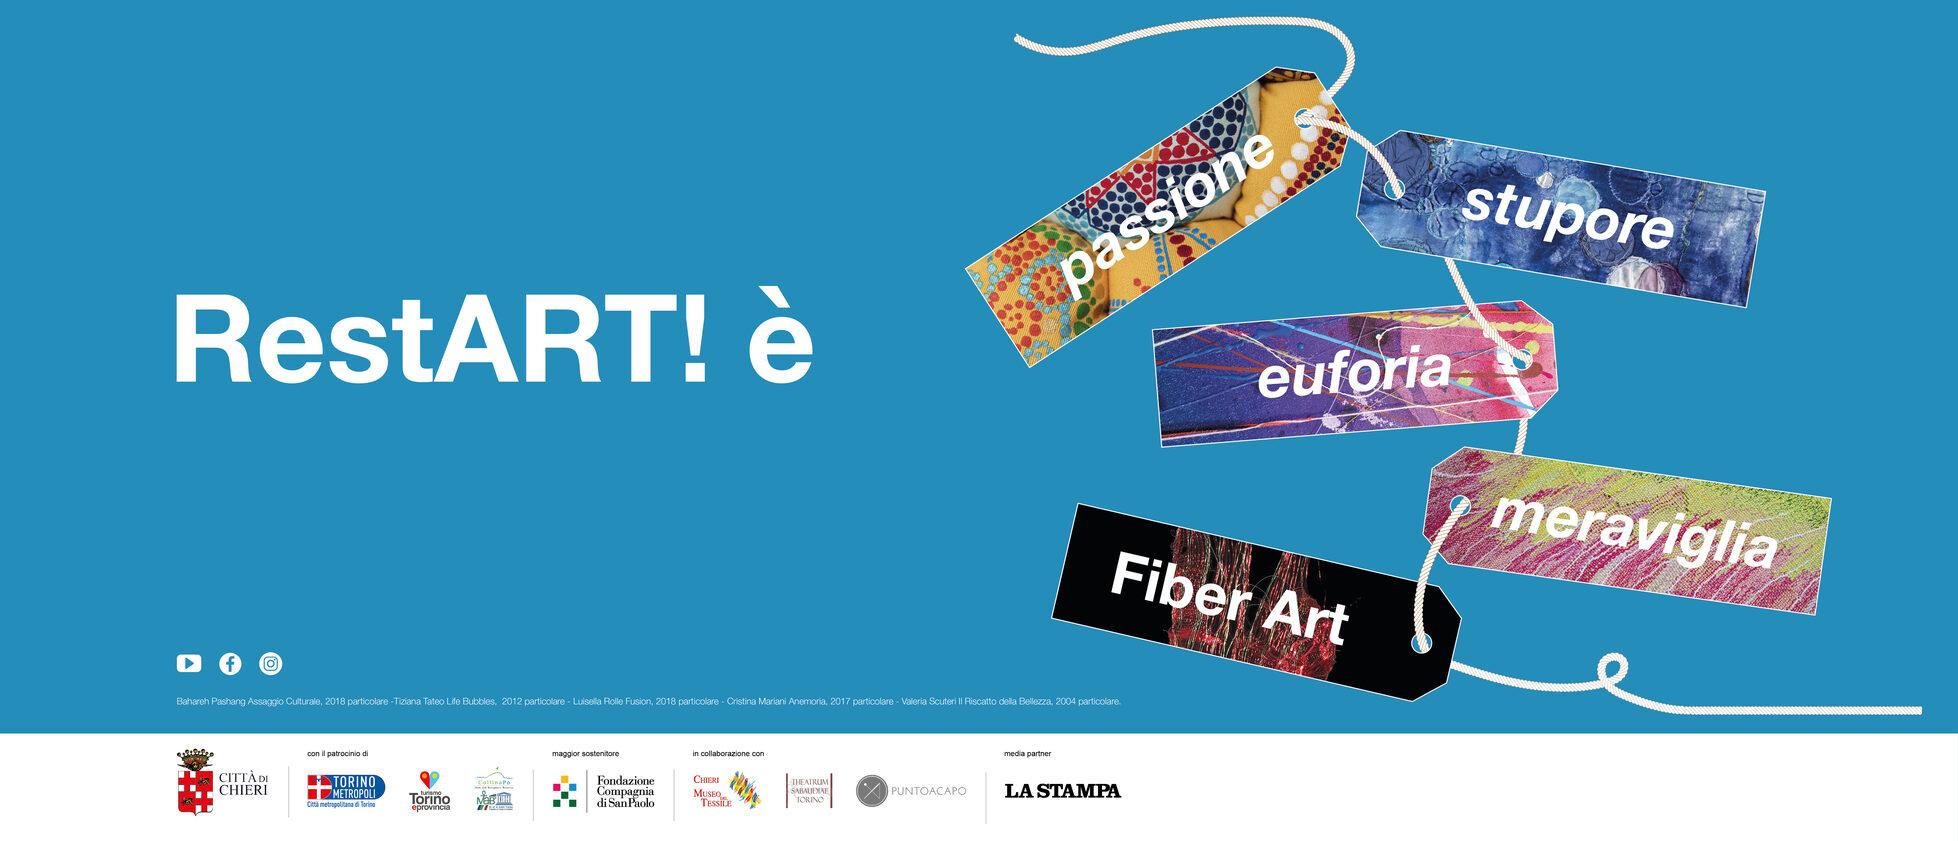 Banner RestArt è passione, stupore, euforia, meraviglia, fiber art